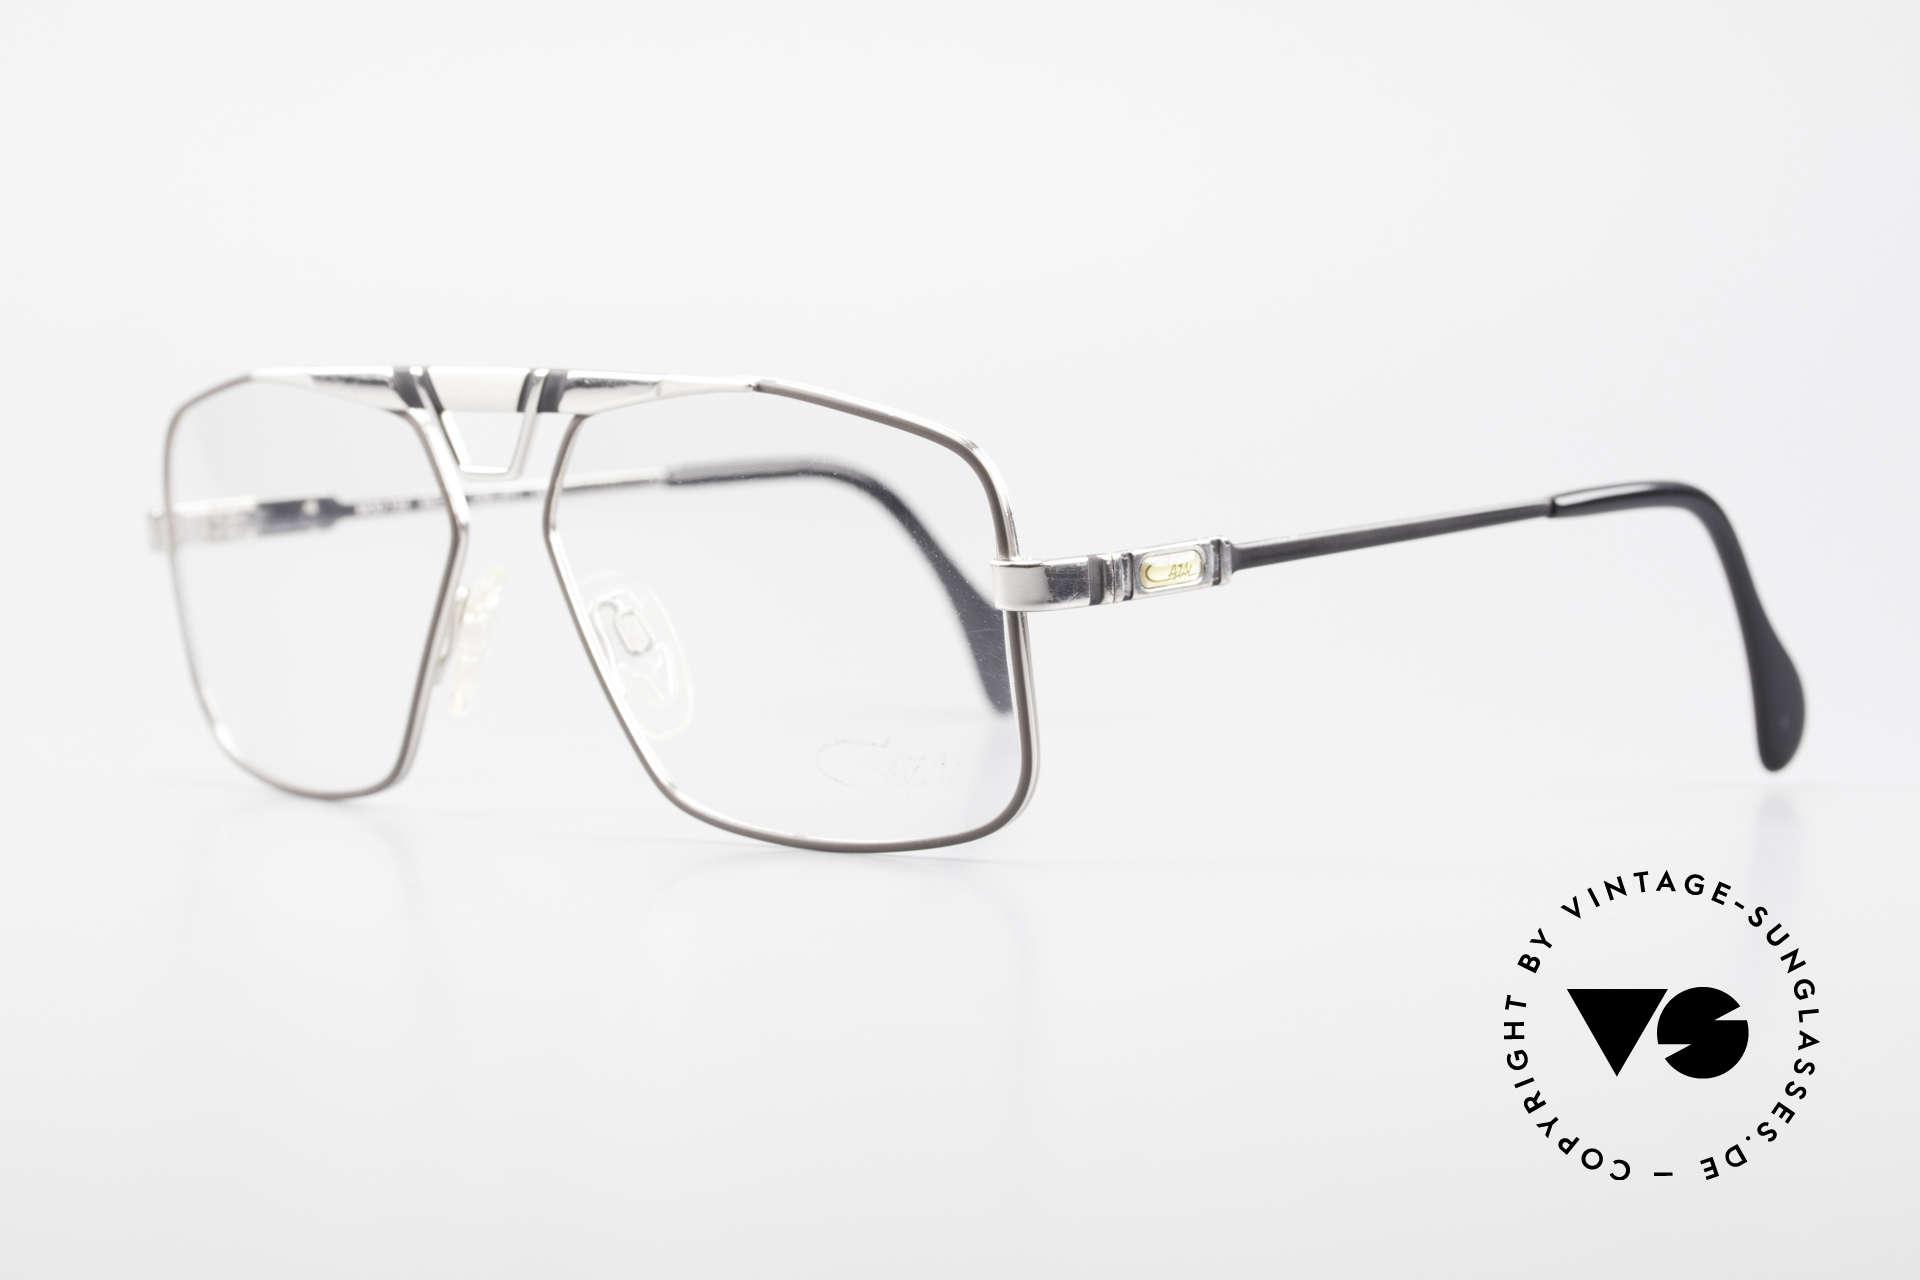 Cazal 735 Brad Pitt Glasses W Germany, actor Prad Pitt wore a Cazal 735 in February 2009, Made for Men